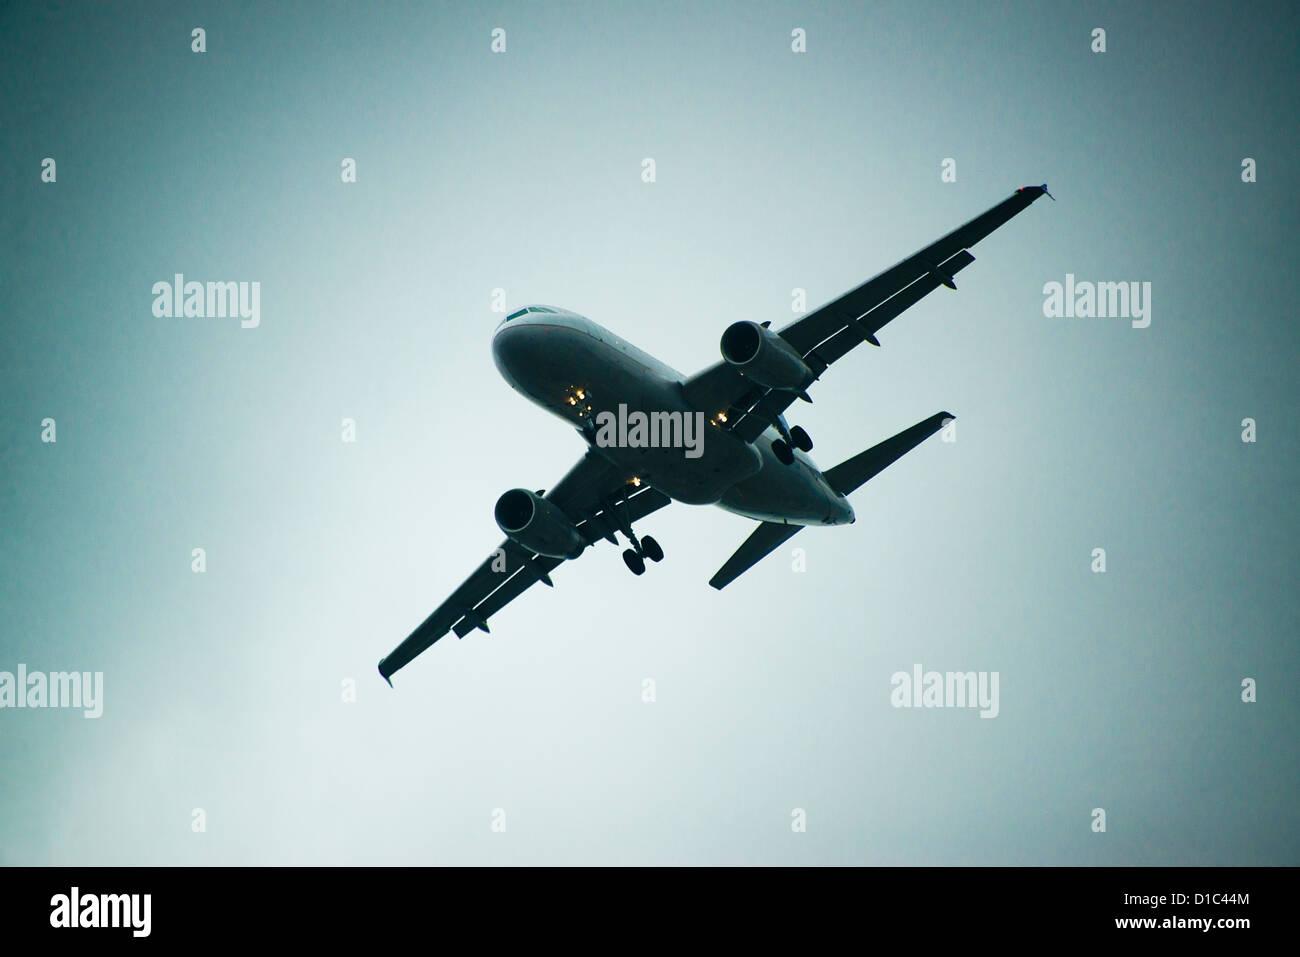 Avión en vuelo. Foto de stock